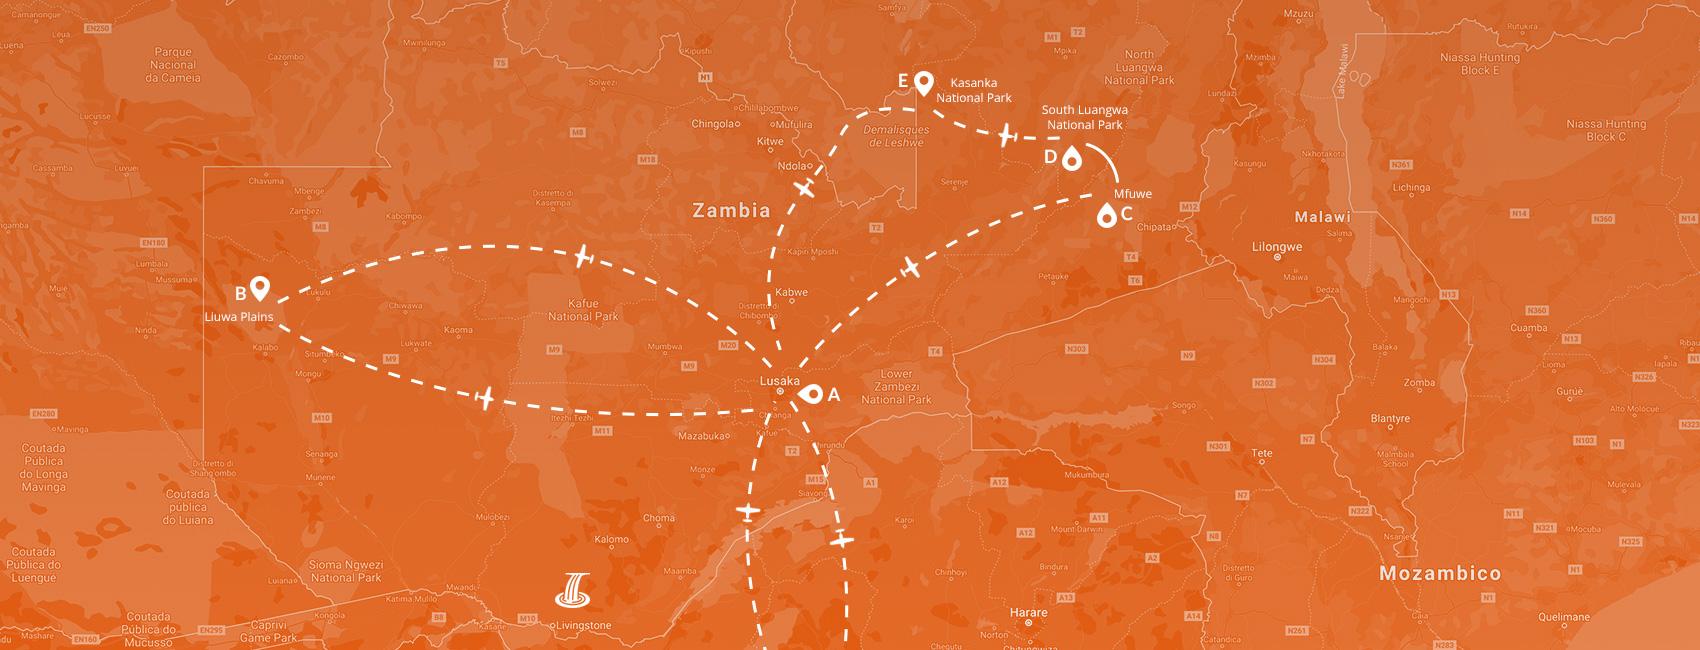 Maps - Zambia migrazioni 2021